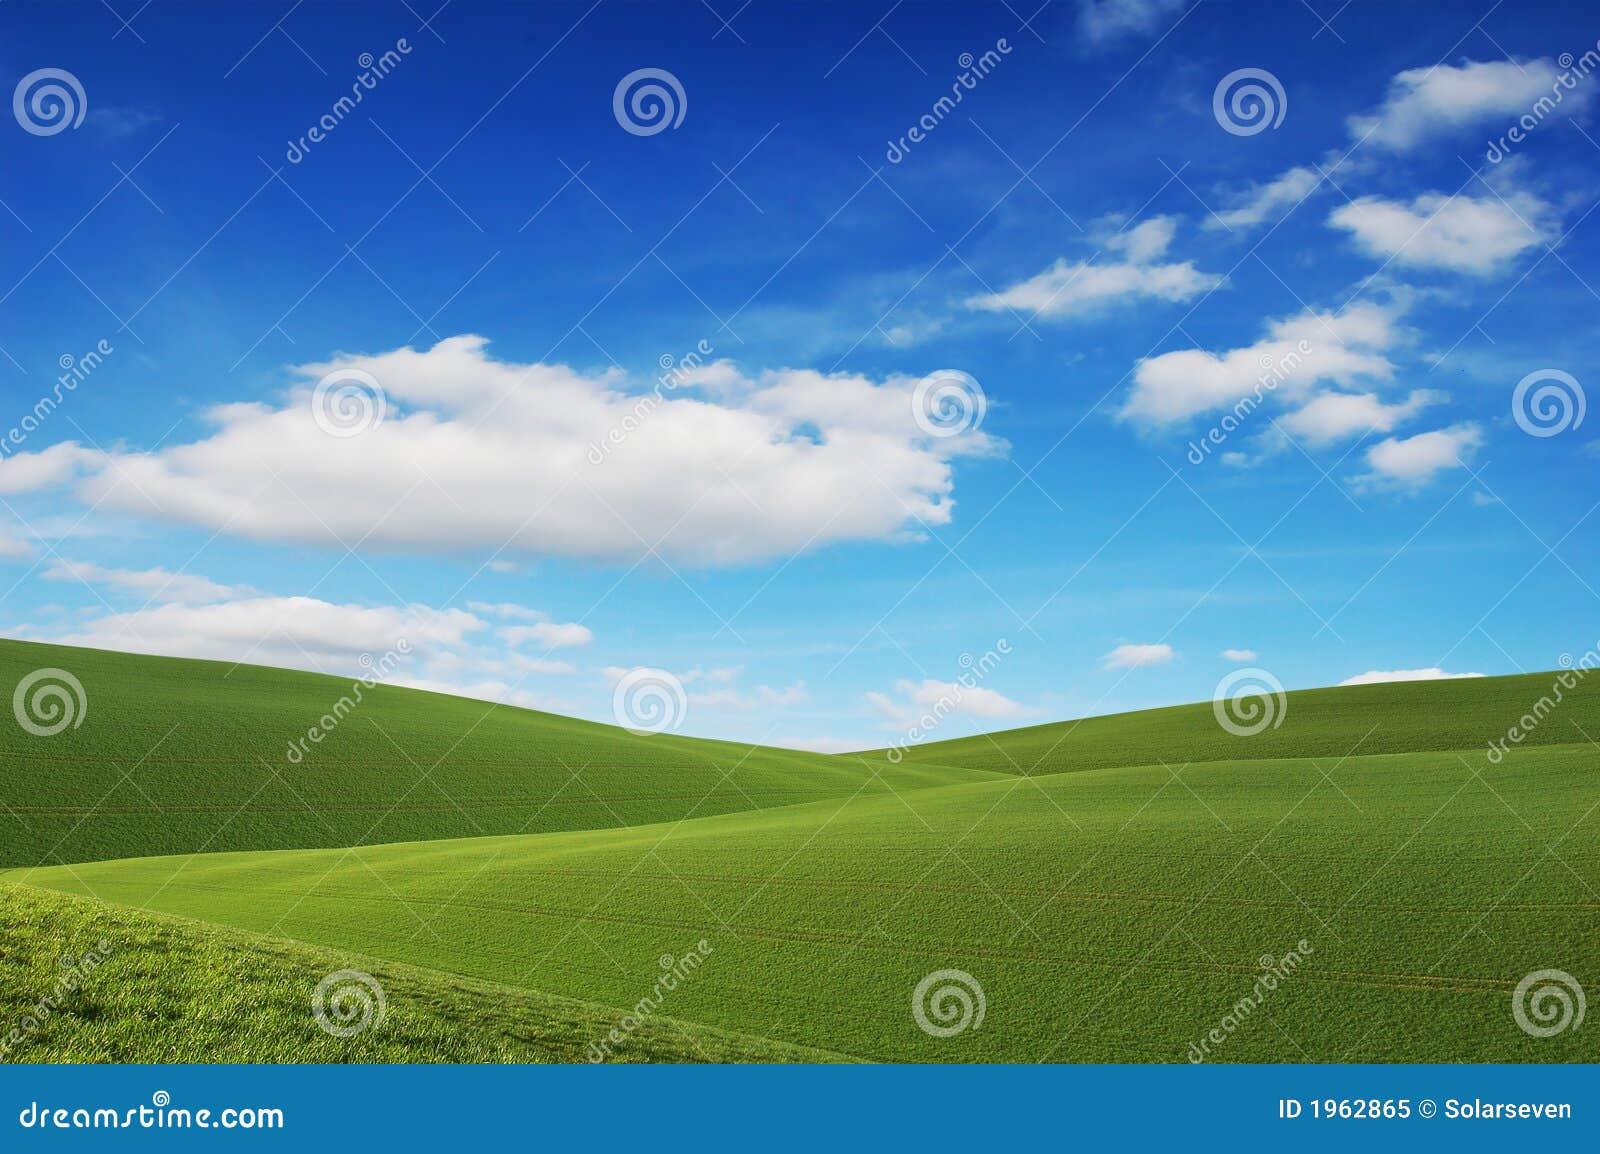 Ciel bleu, zones vertes